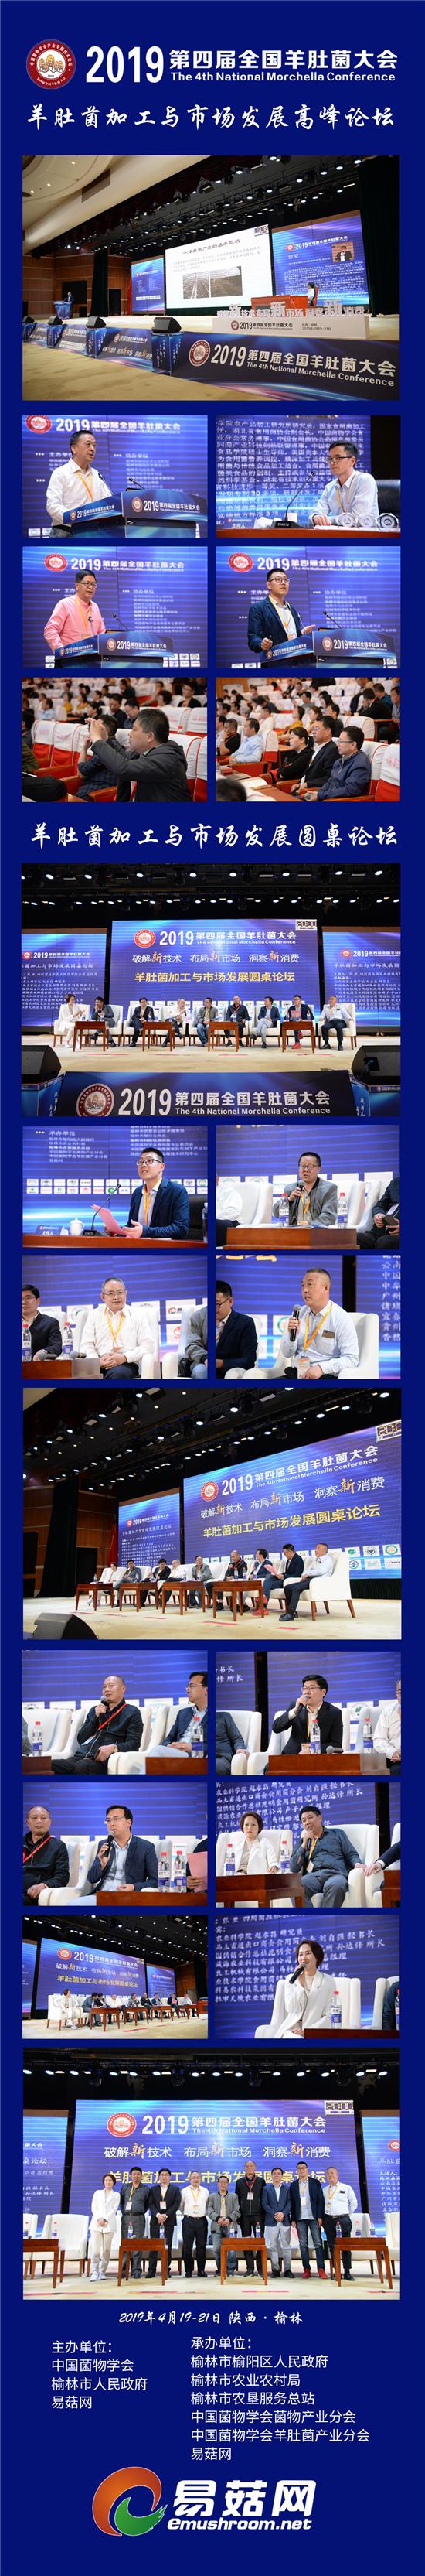 2019羊肚菌会议--羊肚菌加工与市场发展高峰论坛